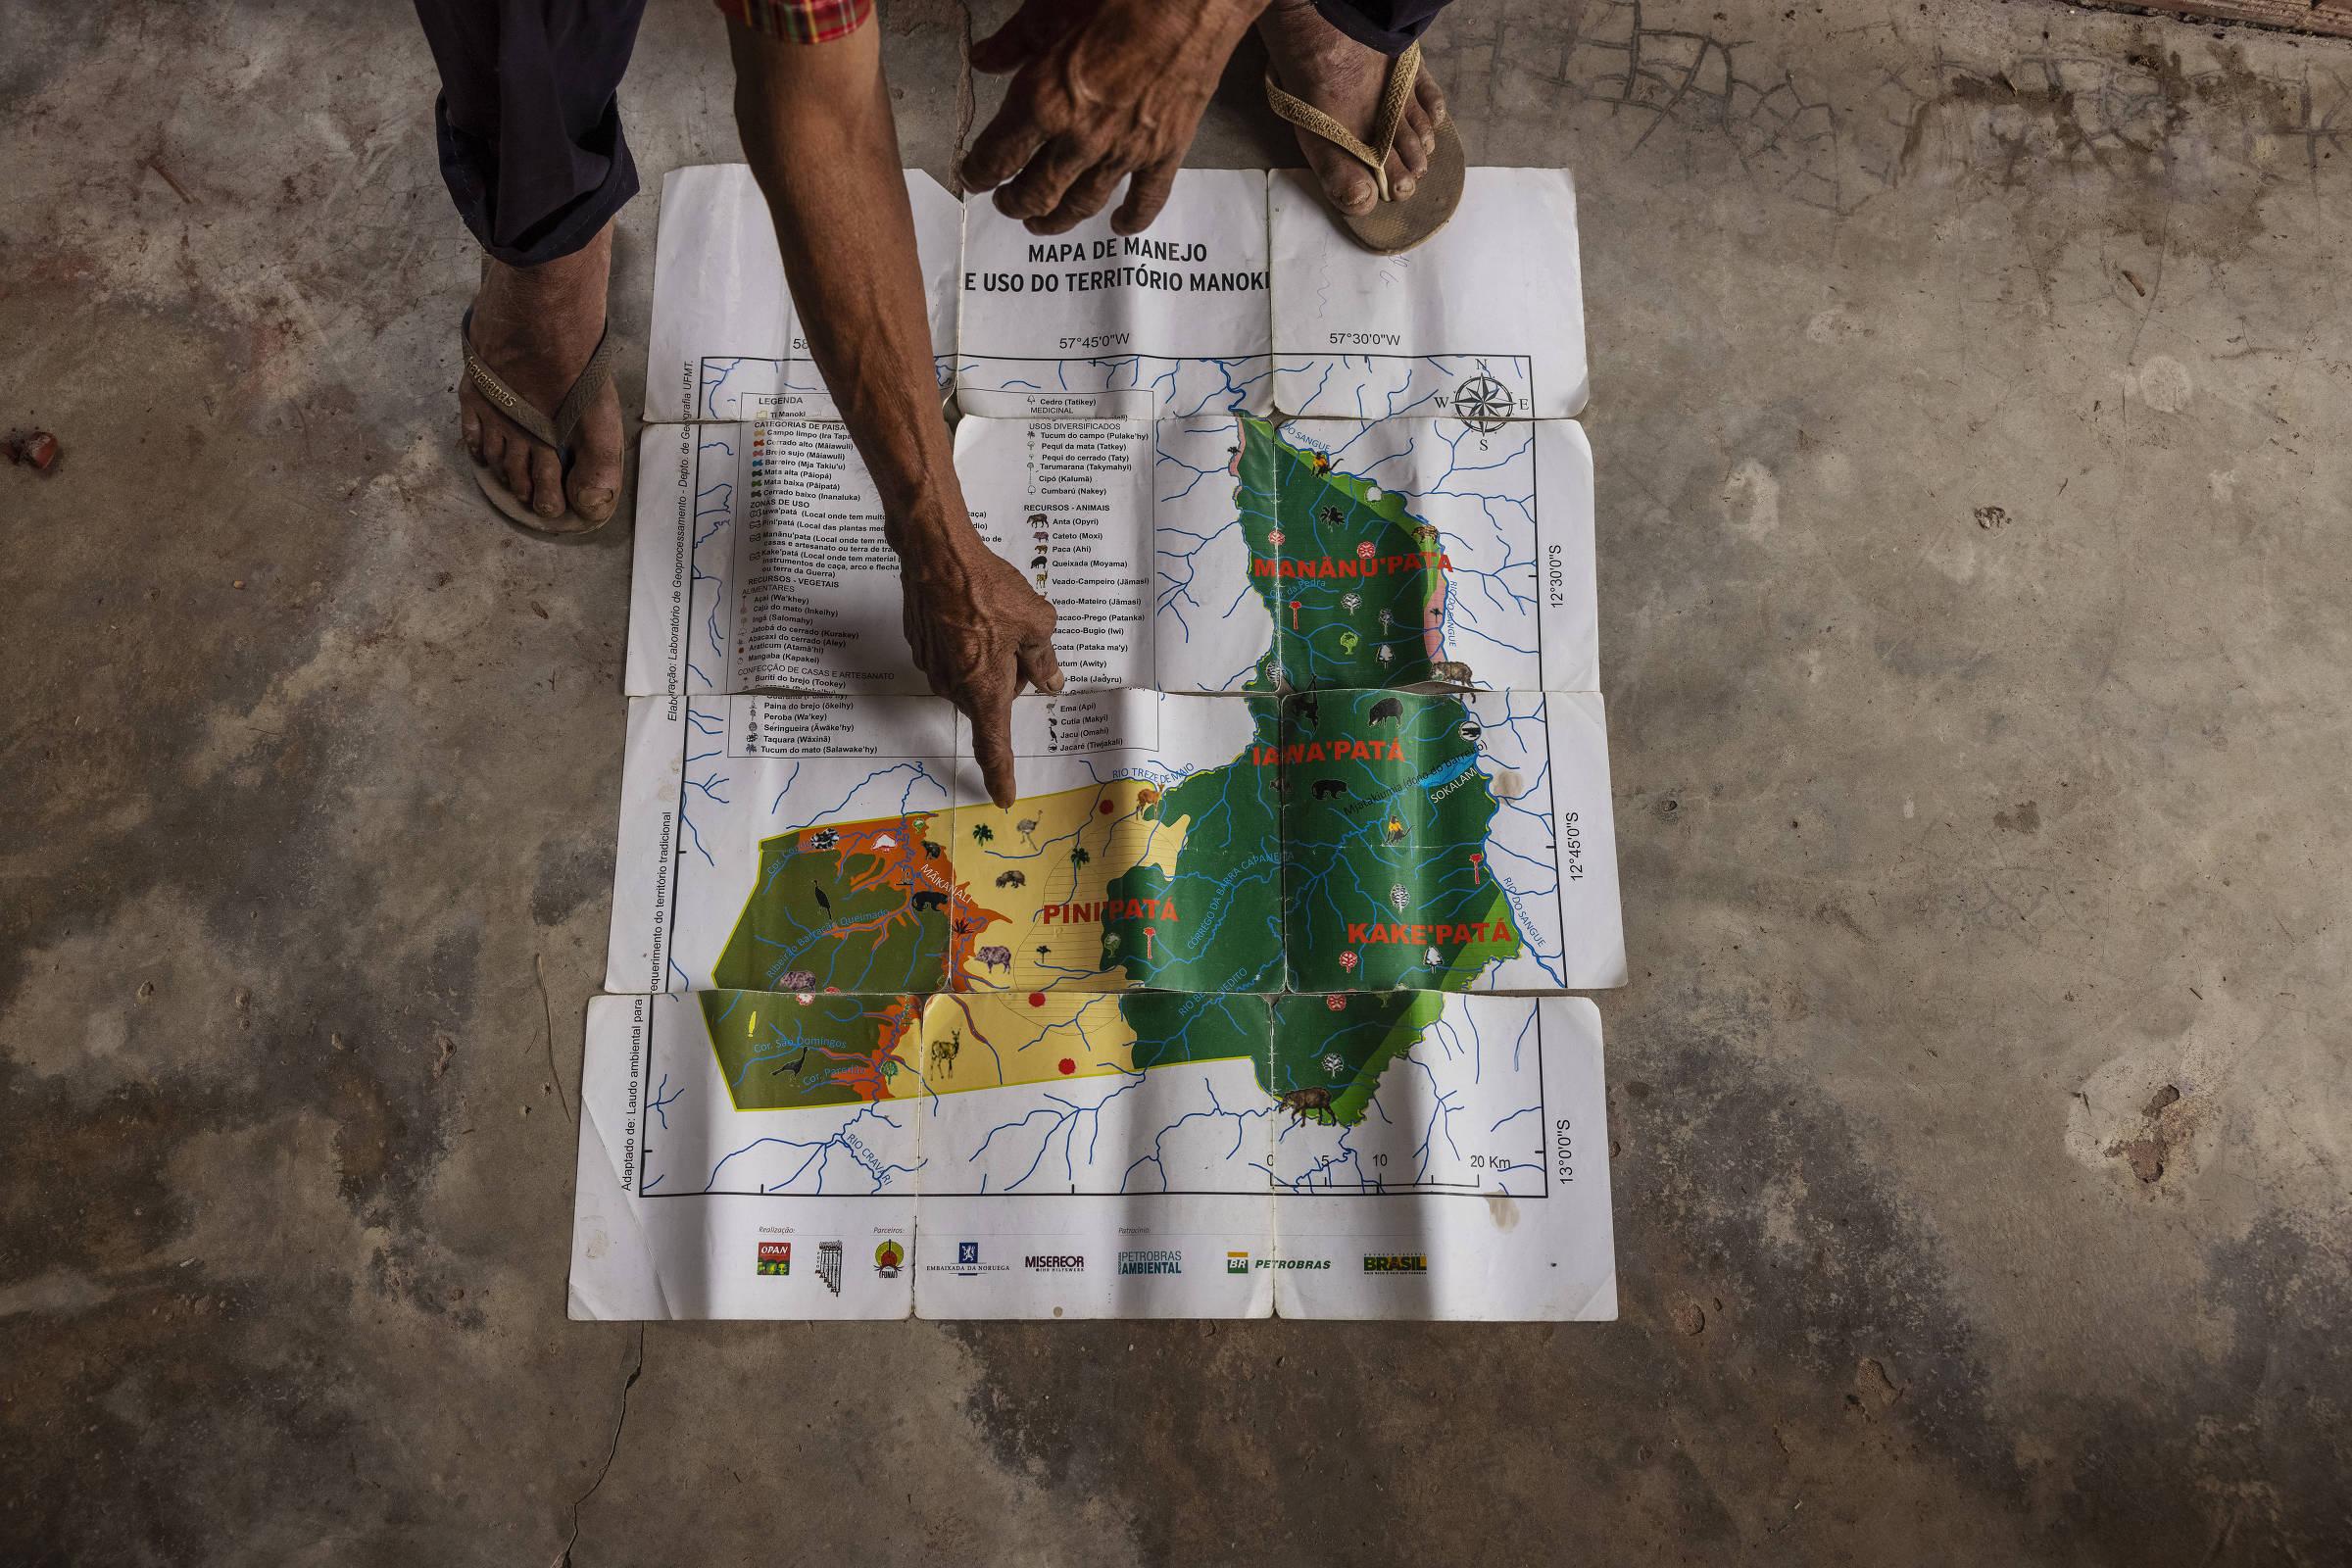 O cacique Manoel Kanunxi, 71, mostra um mapa com o território Manoki